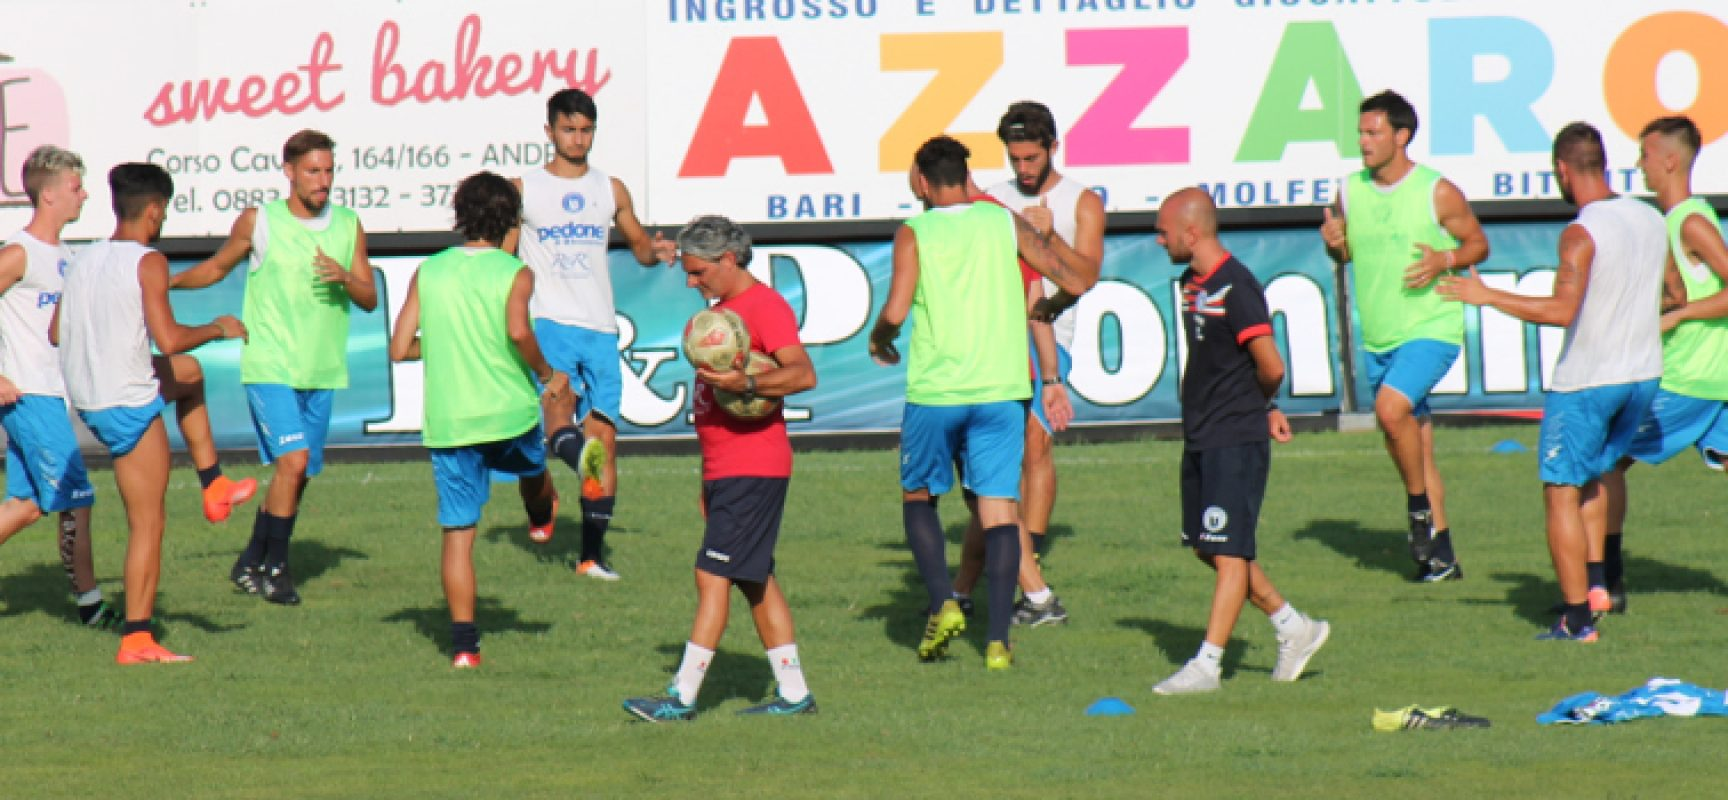 Bari Calcio Calendario.Unione Calcio Subito Derby In Coppa Italia Ufficializzato